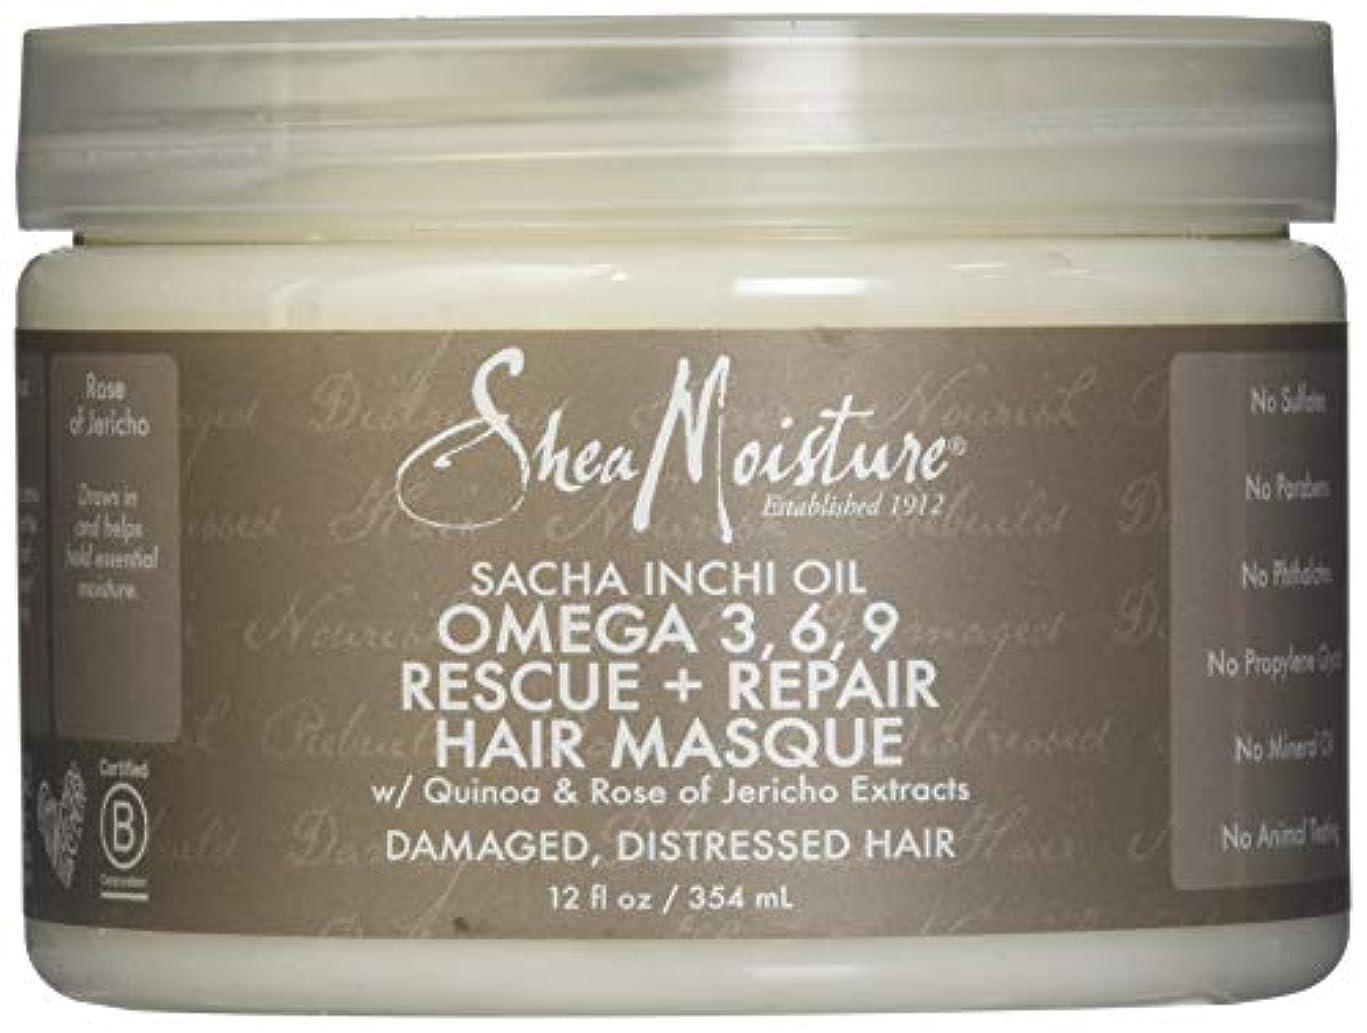 海嶺追加する気を散らすSacha Inchi Oil Omega-3-6-9 Rescue & Repair Hair Masque